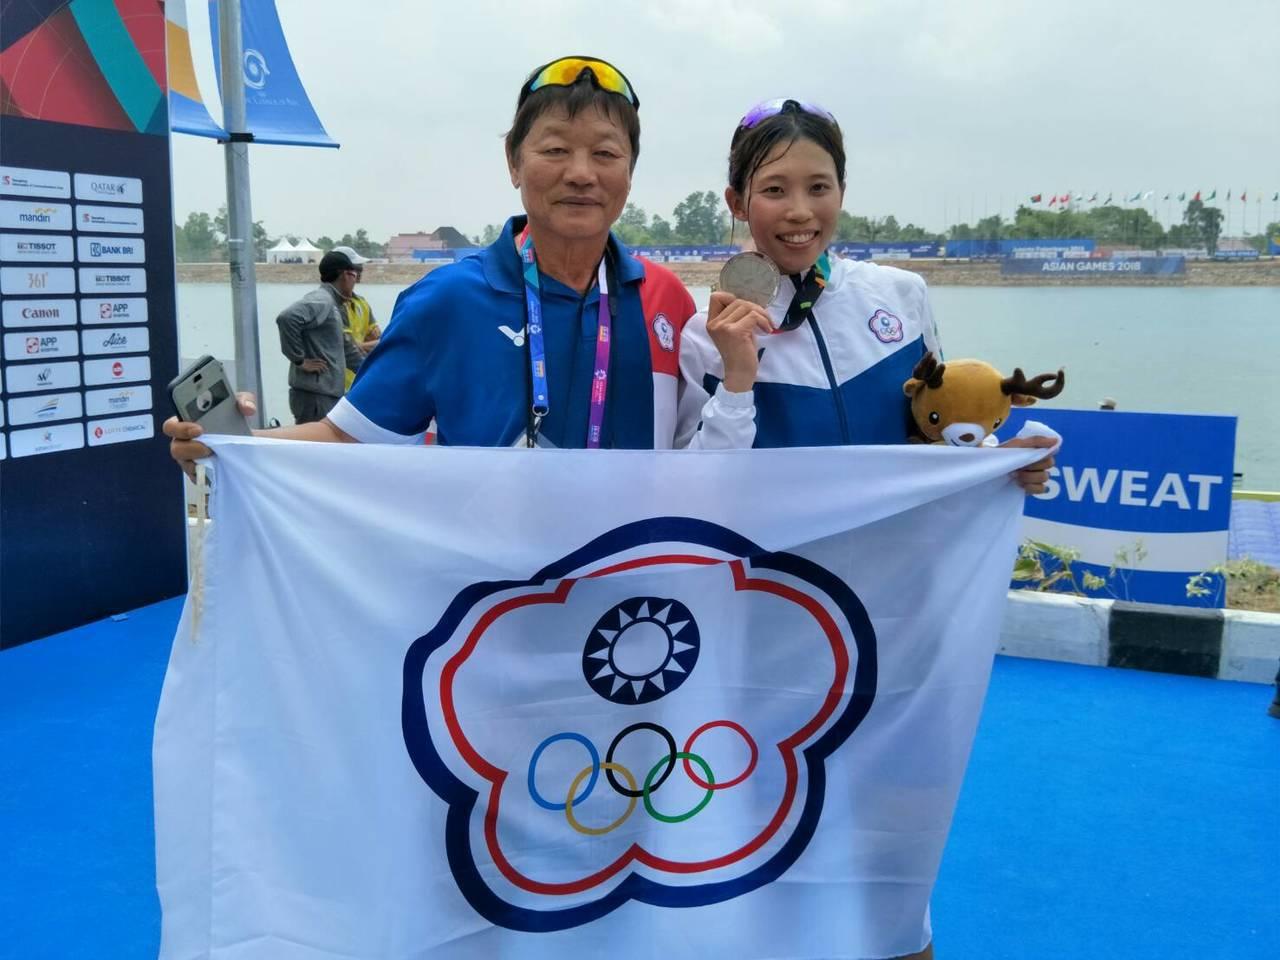 黃義婷(右)在女子單人雙槳項目喜獲銀牌。圖╱中華奧會提供